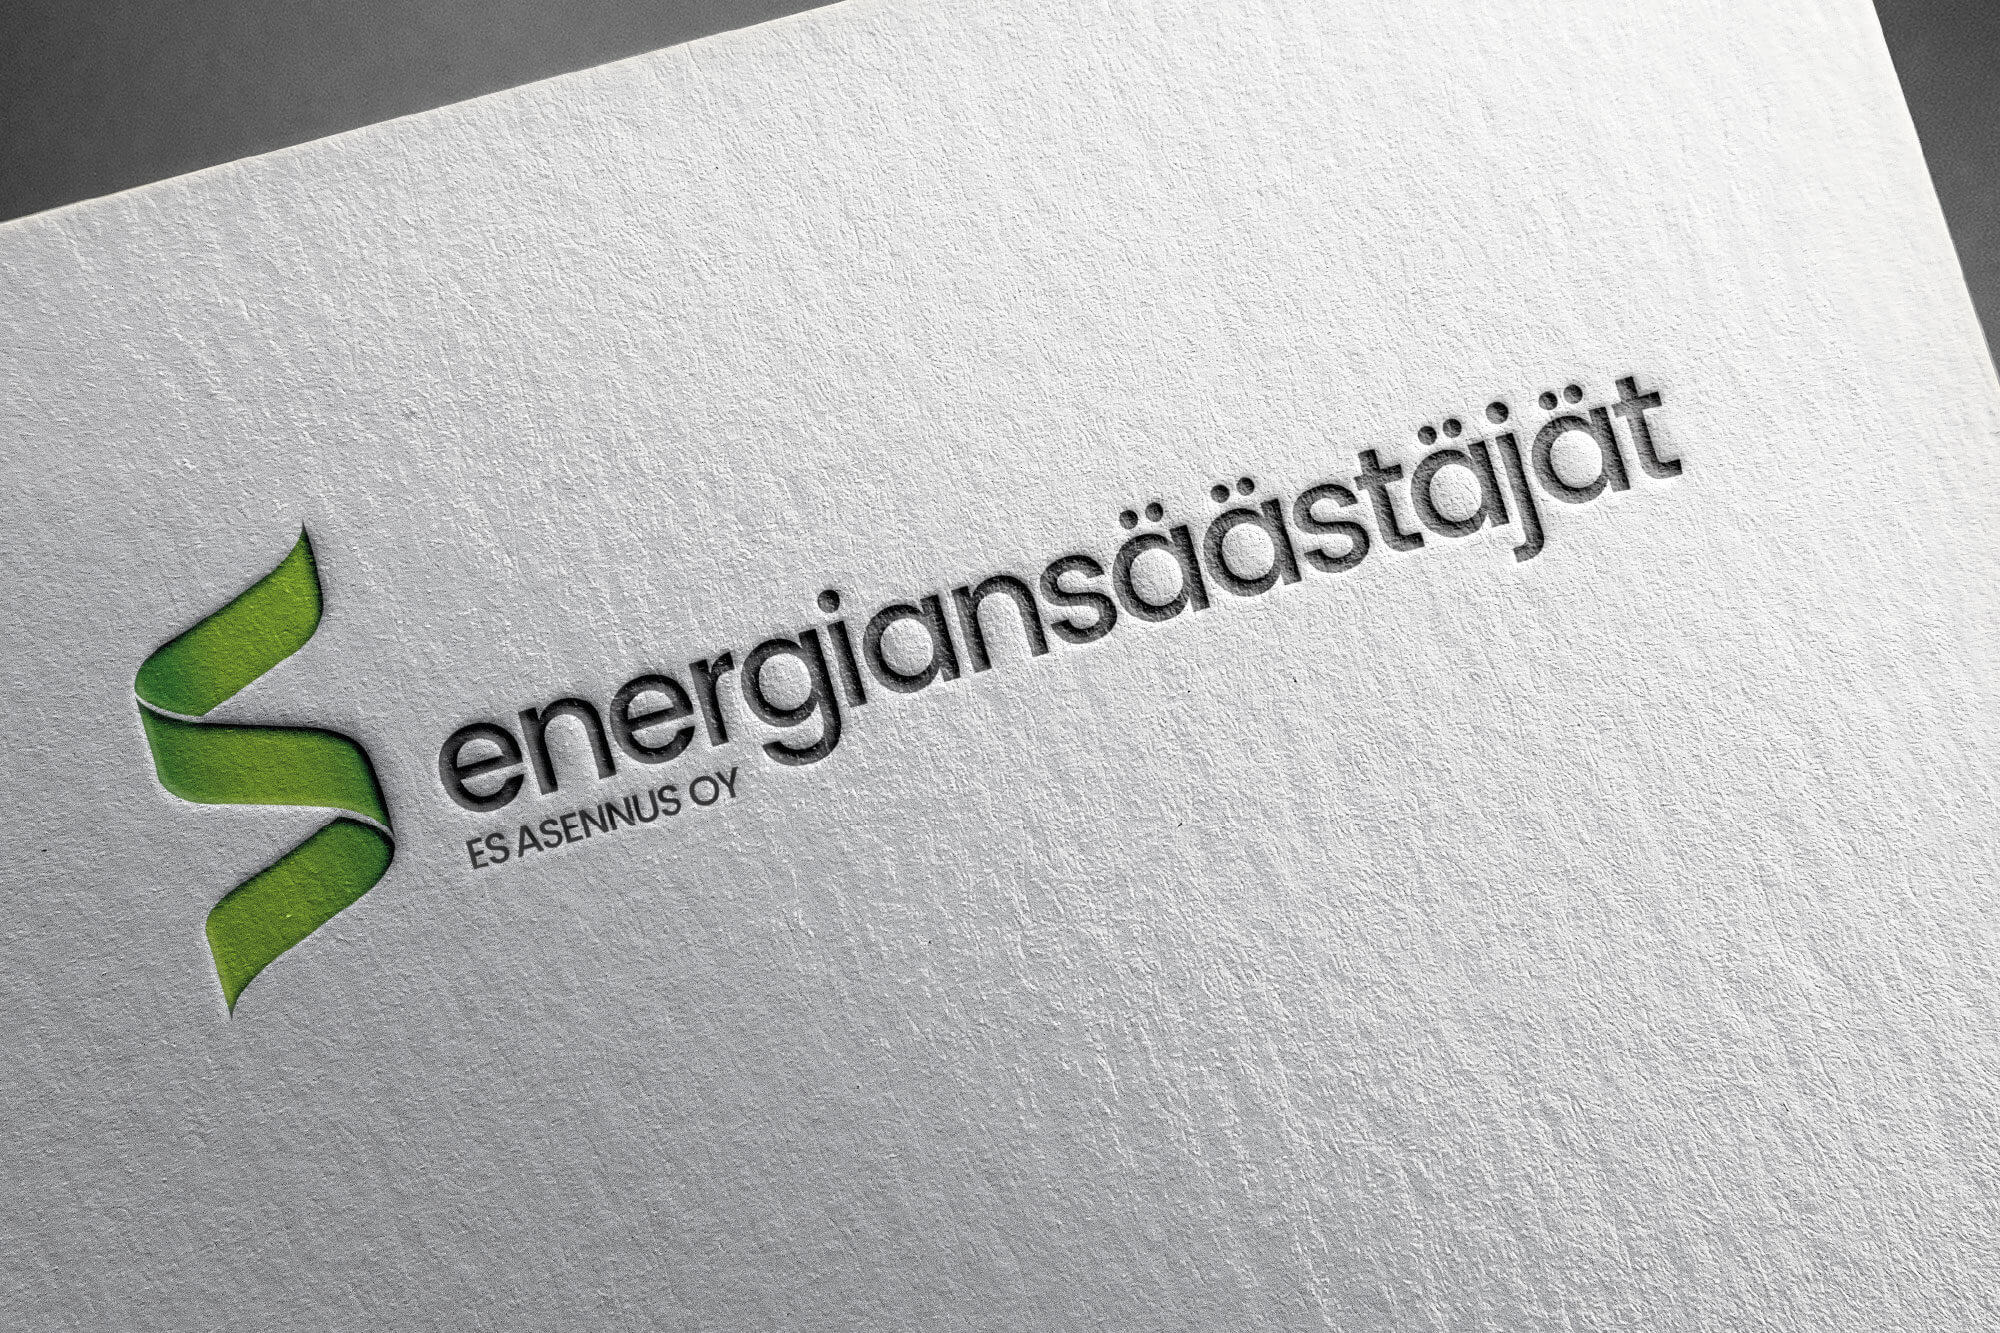 Energiansäästäjät logo